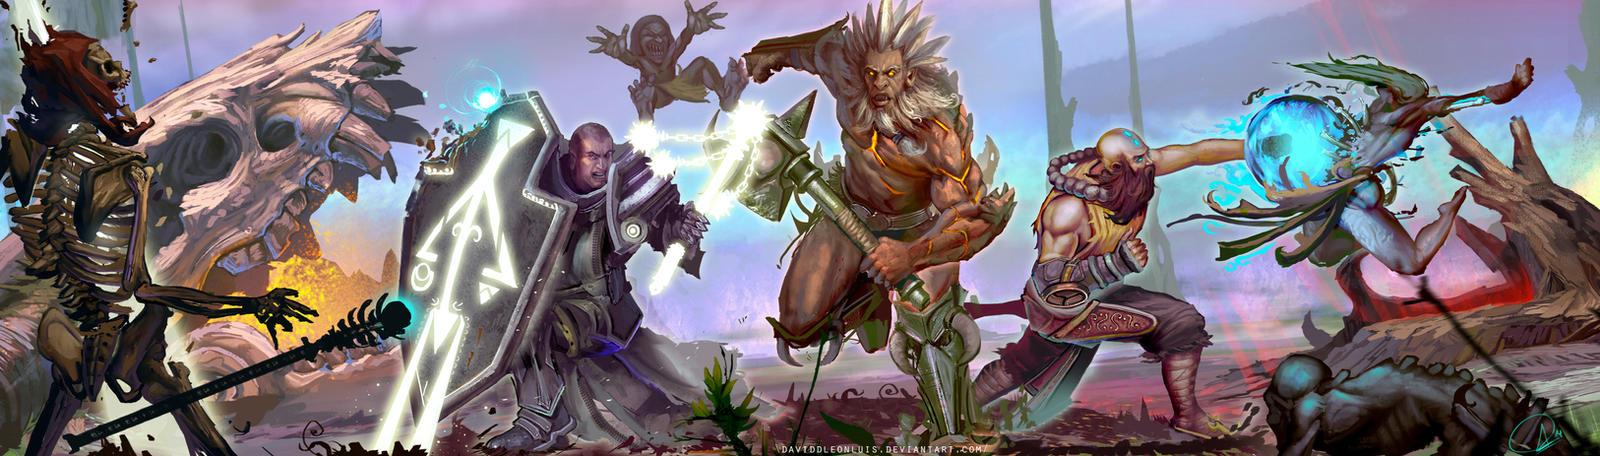 Diablo III - Reaper of Souls,  TendernessThreesome by Daviddleonluis